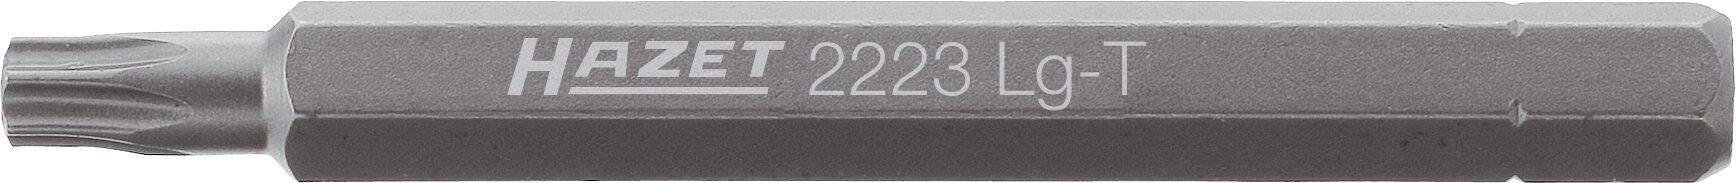 HAZET Bit 2223LG-T25 ∙ Sechskant massiv 6,3 (1/4 Zoll) ∙ Innen TORX® Profil ∙ T25